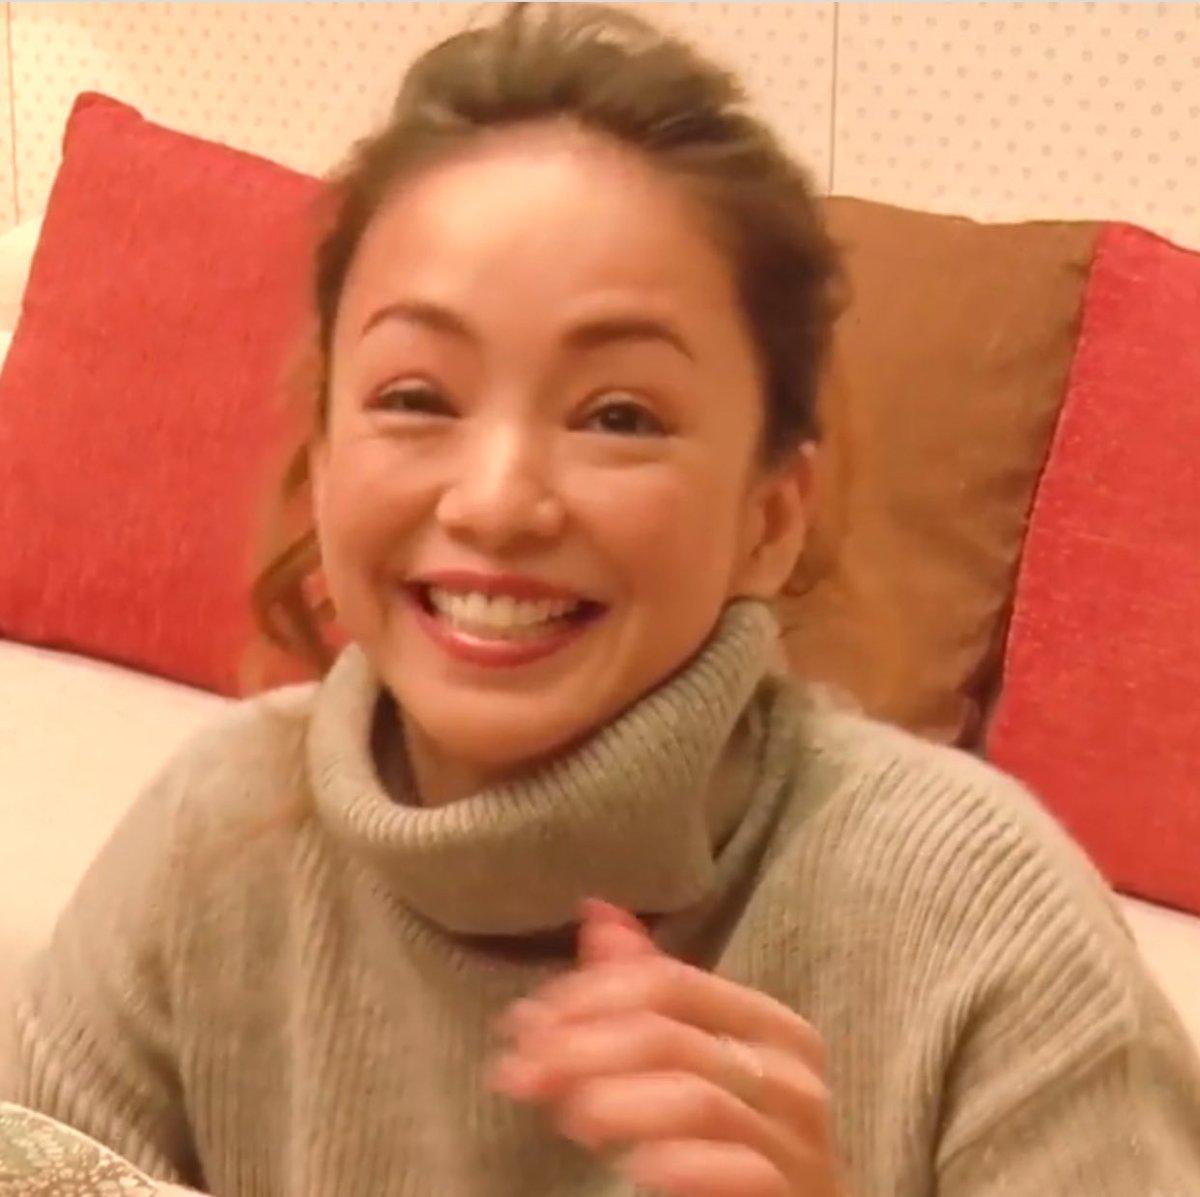 test ツイッターメディア - @matsu_bouzu 私は韓国に住んでいて脳梗塞にかかっ 脳梗塞にかかって10年目の薬を食べていて希望が見えませんが安室奈美恵さんを知って私は生きたいと思うようになったと思います その瞬間から、Twitterで記事を書いて安室奈美恵さんに会いたいと夢見るようになったと思います 安室奈美恵さんは私に貴重な夢だから https://t.co/X0ycpd20ky